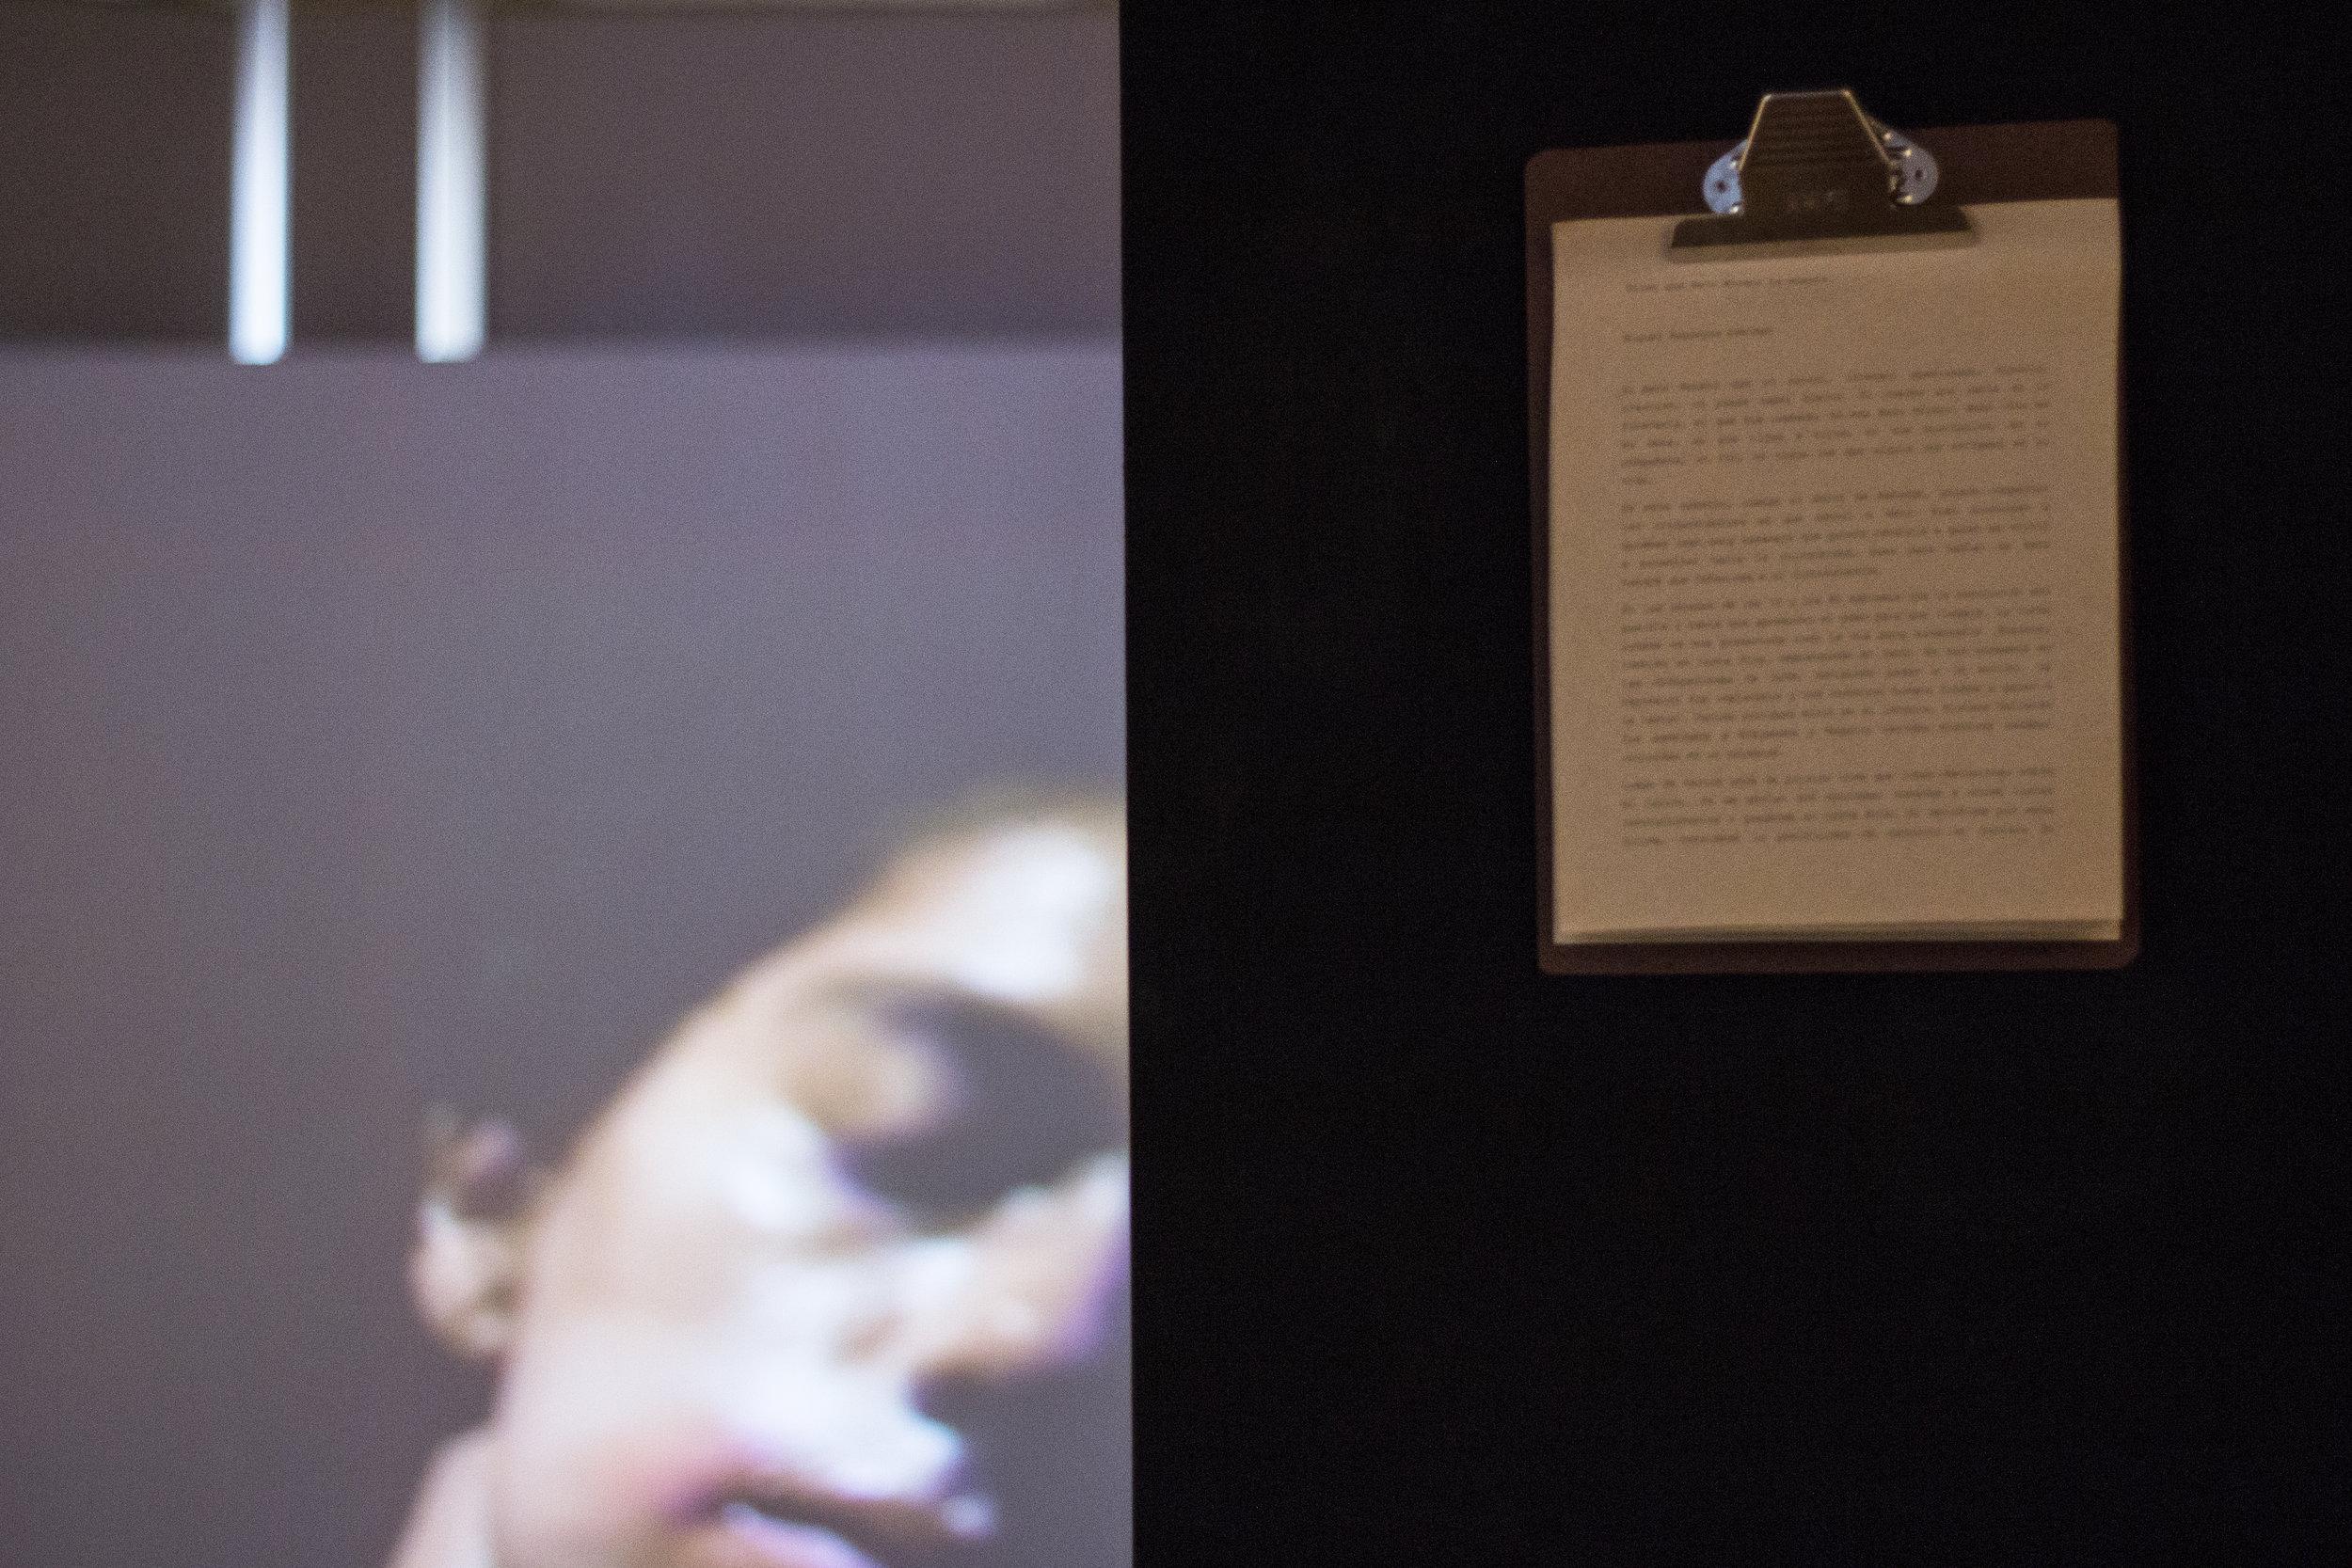 """La premonición, Video loop. """"Dicen que Beto Moreno ha Muerto"""", Text, Miguel Regueyra. Installation View, Alianza Francesa, Costa Rica. 2017. Images by Verónica Alfaro."""